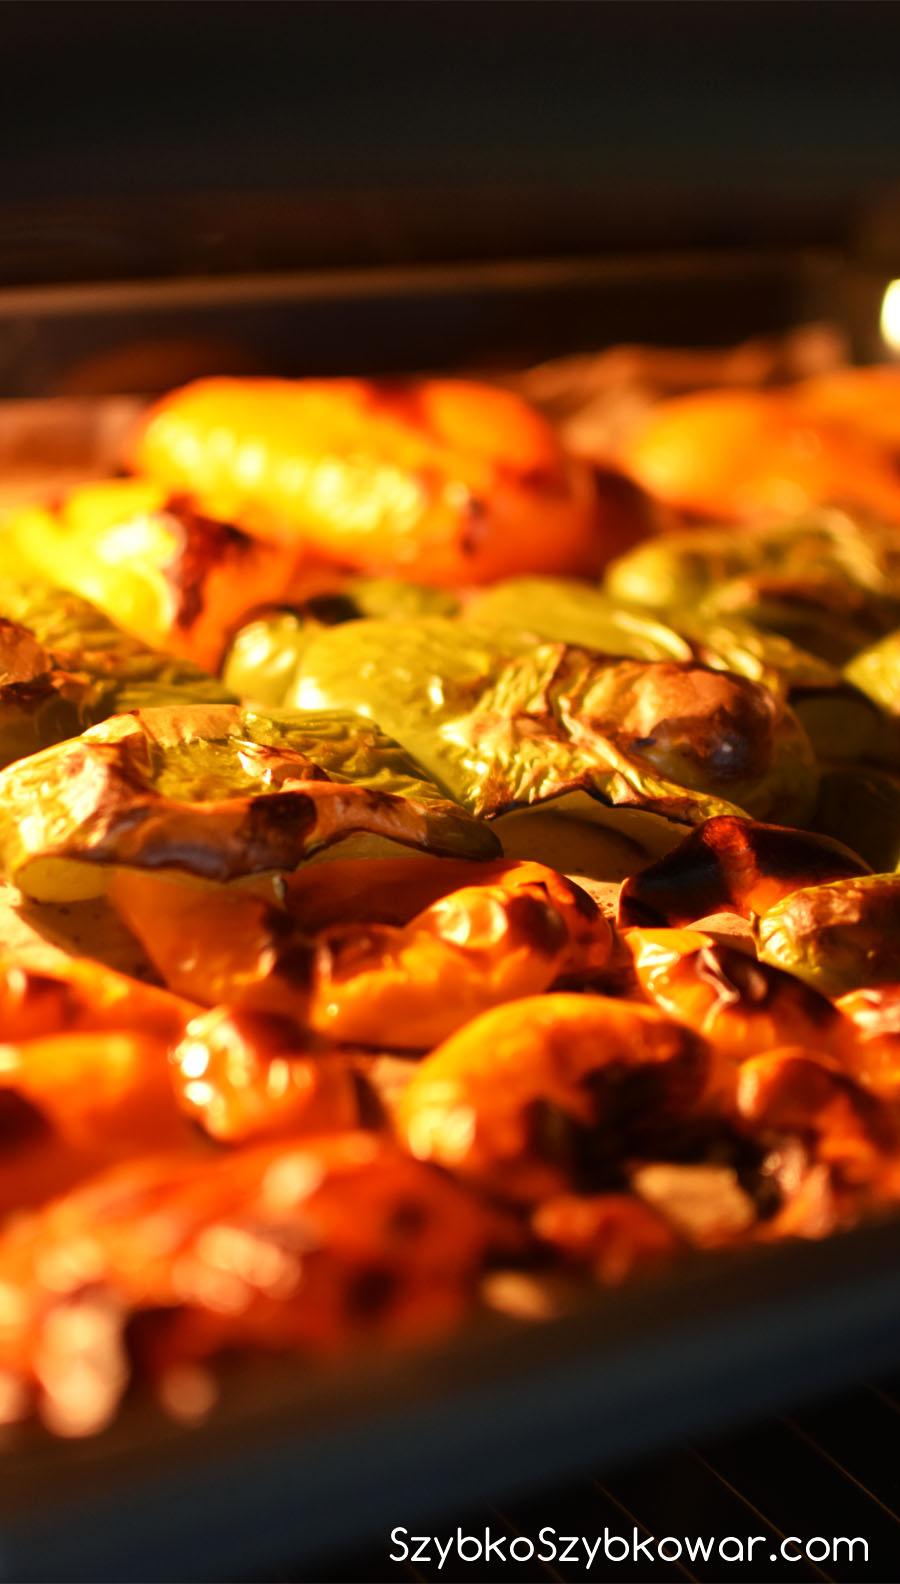 Papryki w piekarniku w trakcie pieczenia.